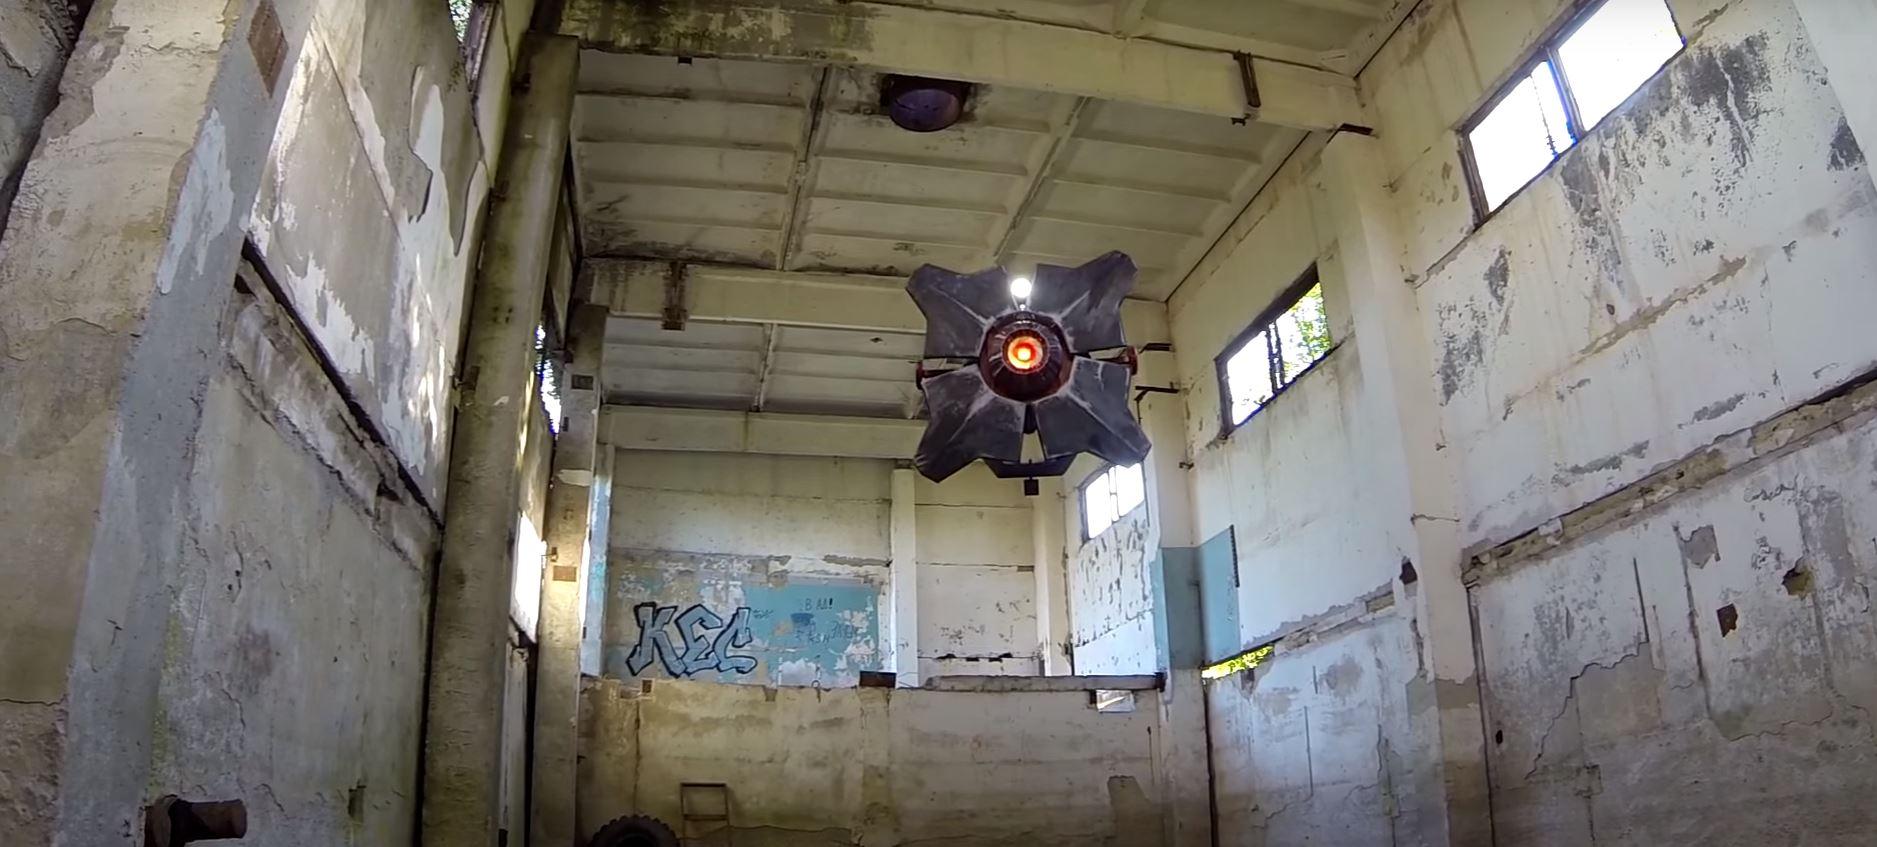 El dron de Half-Life 2 ya es real